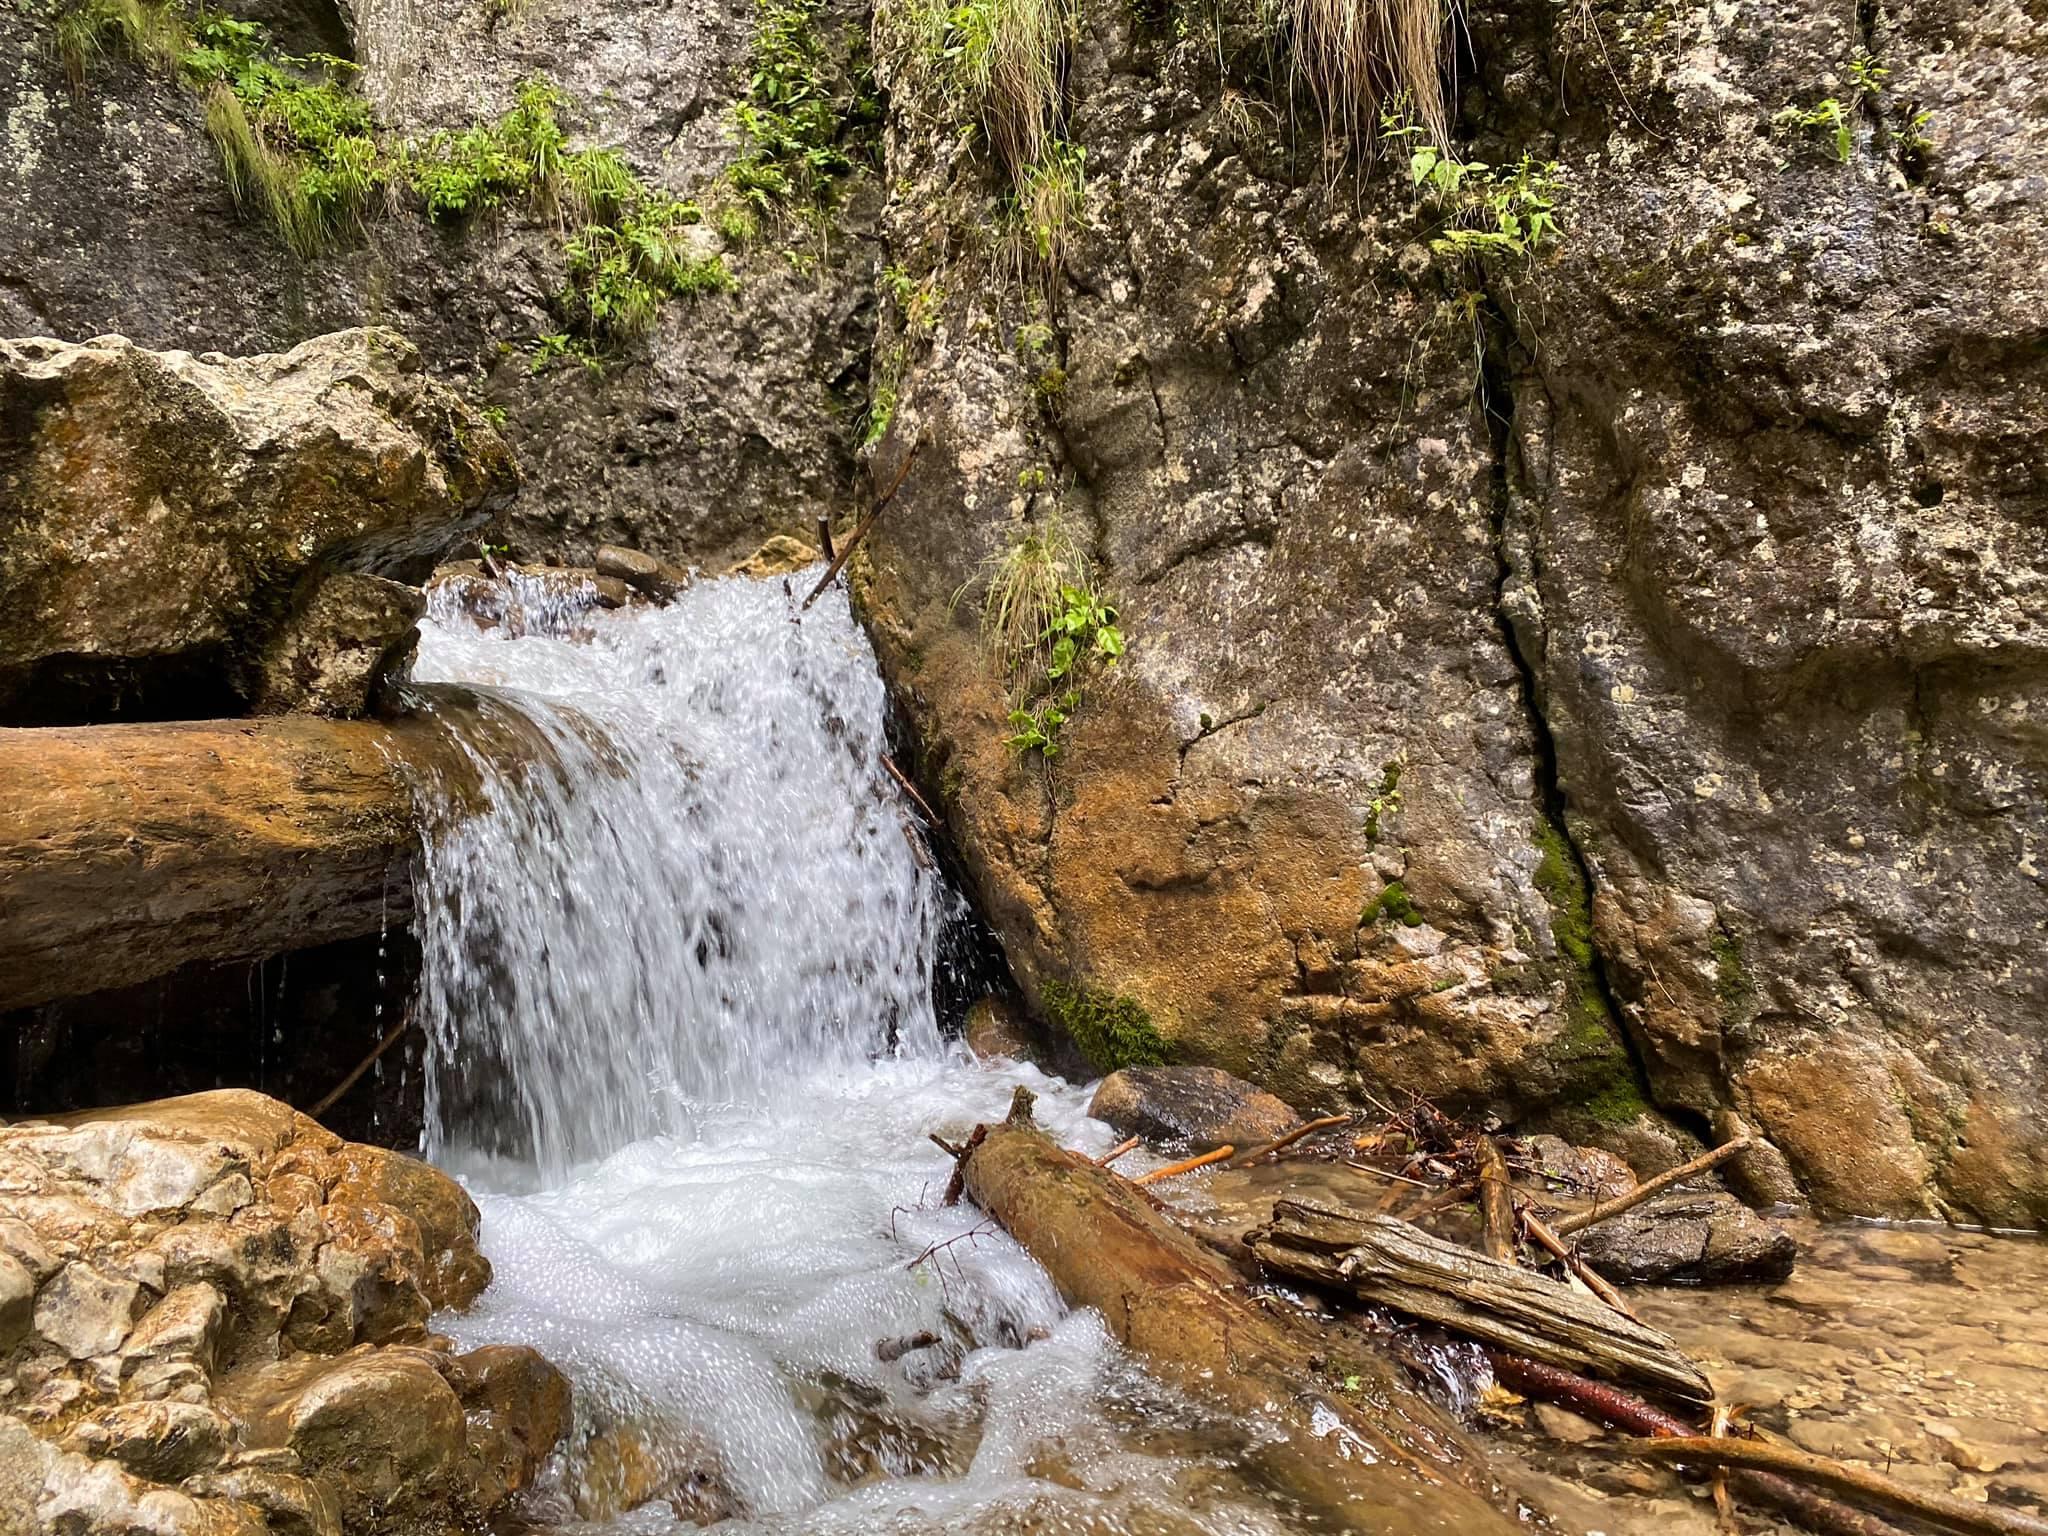 cascada-tamina-fb-gabriela-andronescu.jpg1